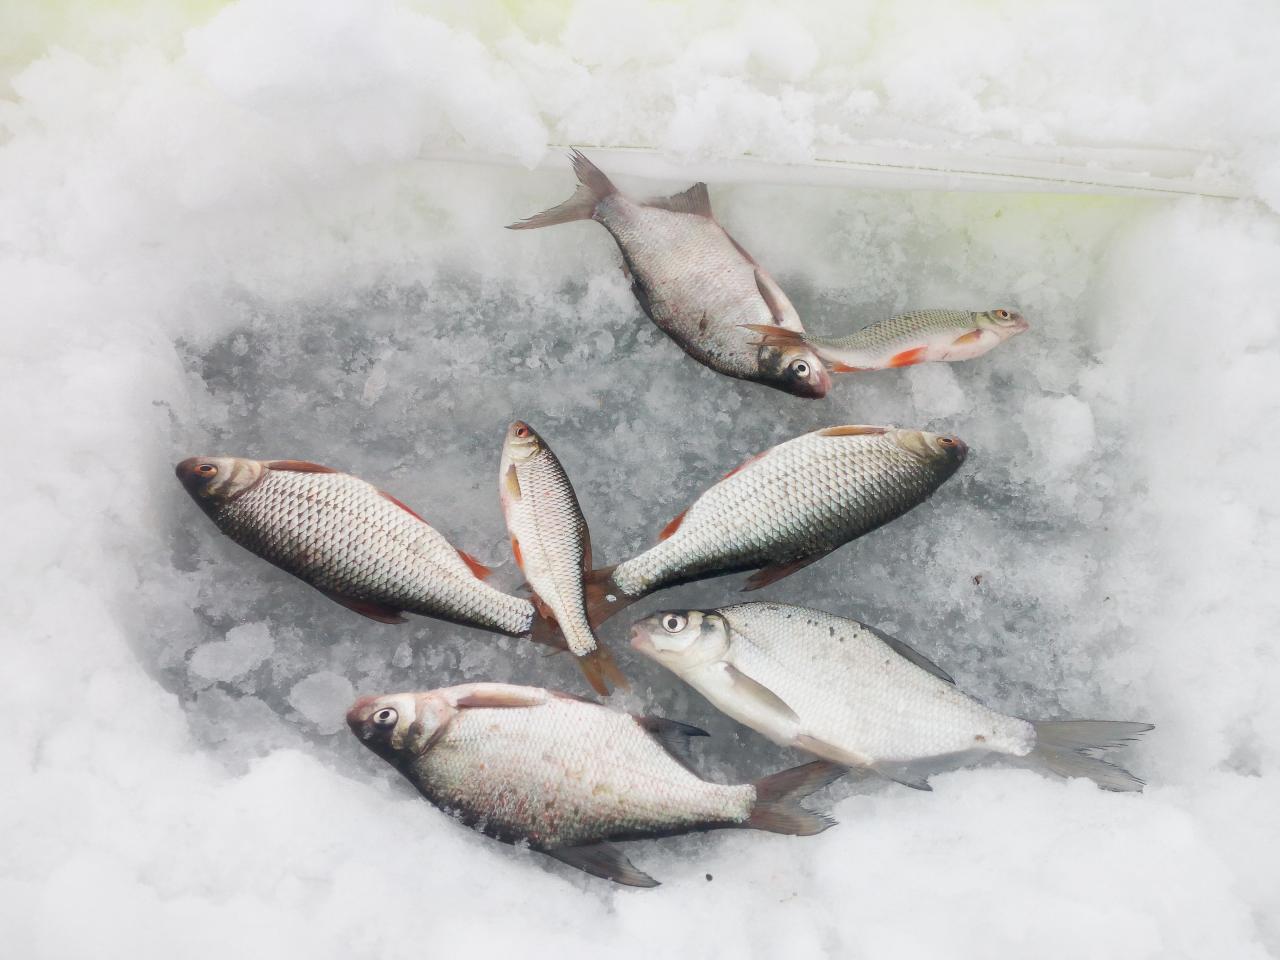 Сегодня выбрался на Море. Рано решил не ехать ... | Отчеты о рыбалке в Беларуси